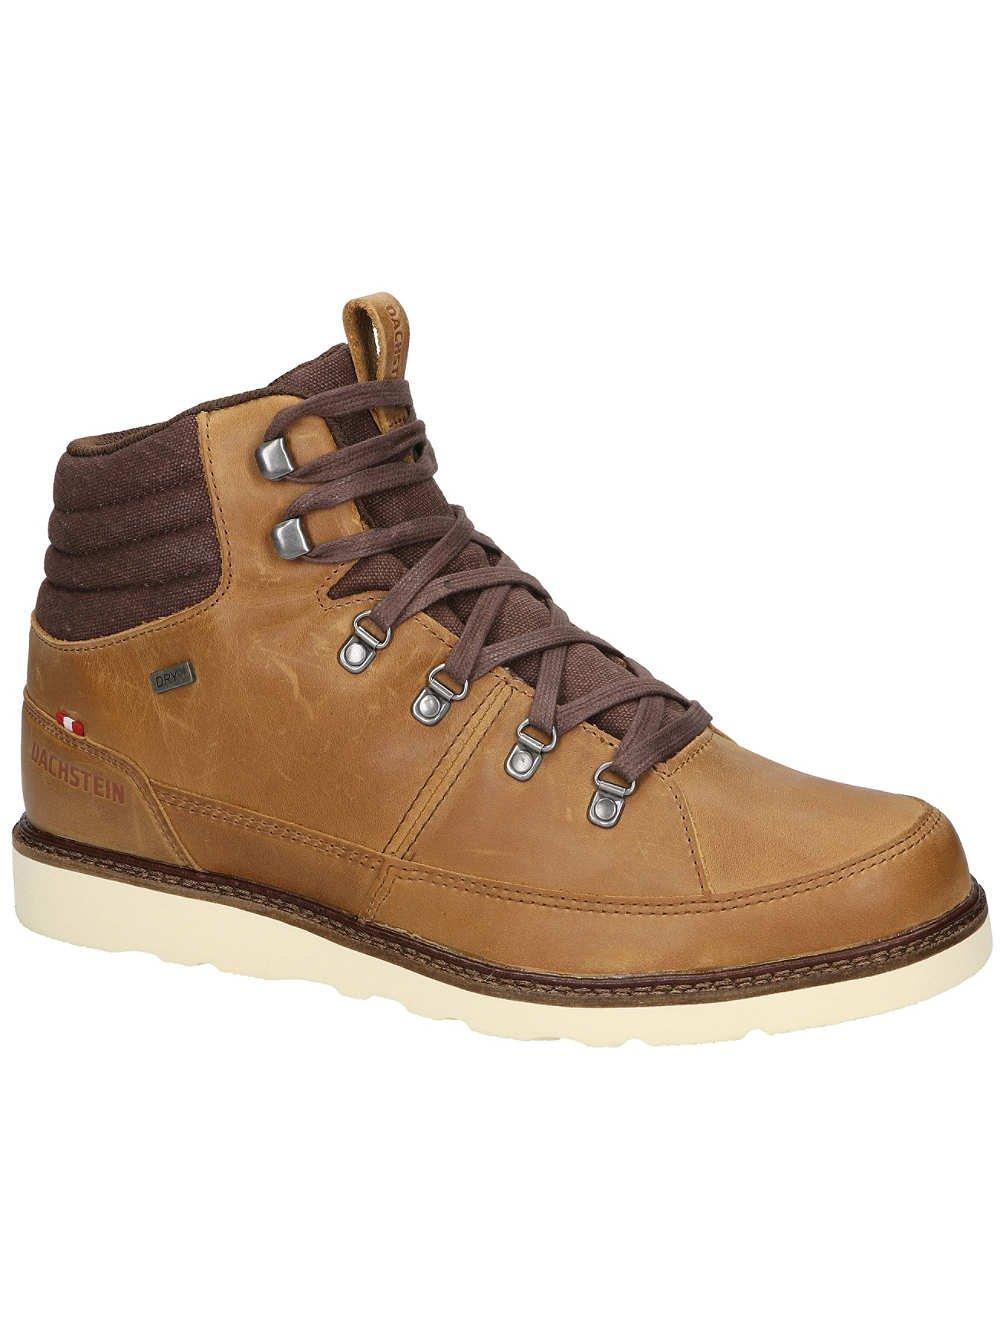 Dachstein Sigi DDS Zapatillas 43|brandy/truffel Zapatos de moda en línea Obtenga el mejor descuento de venta caliente-Descuento más grande